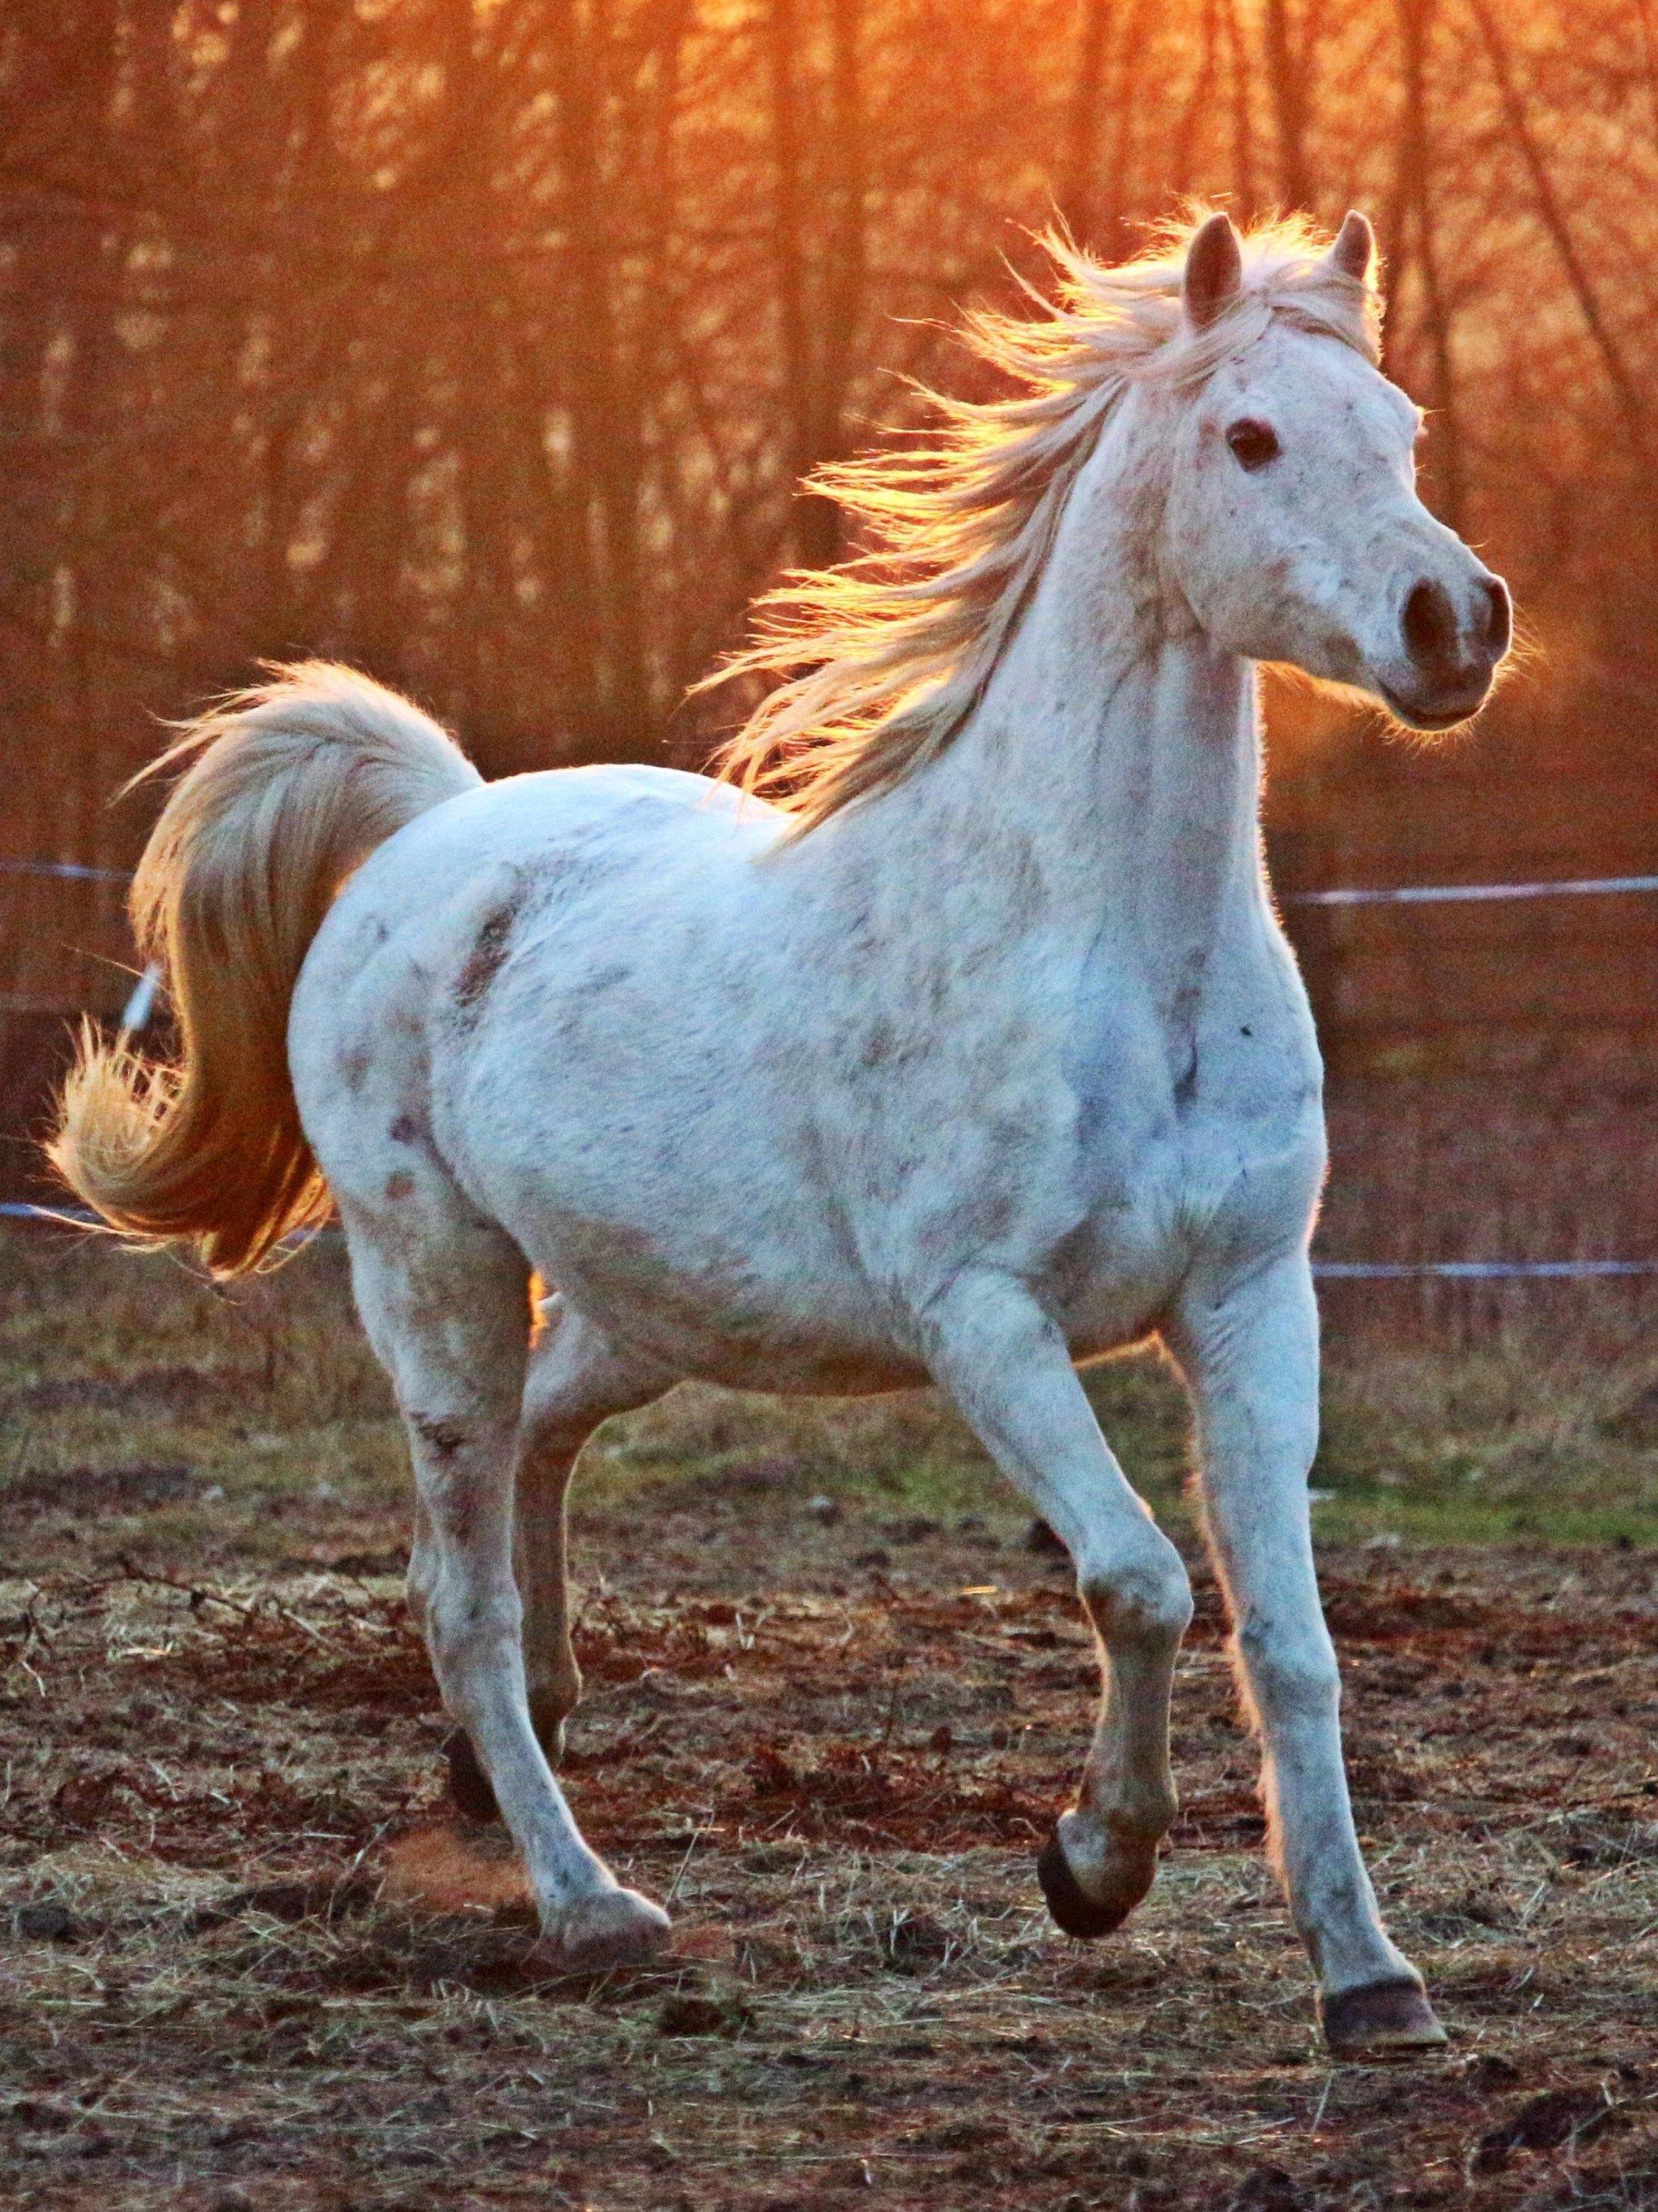 white arabian horse wallpaper - mobile & desktop background